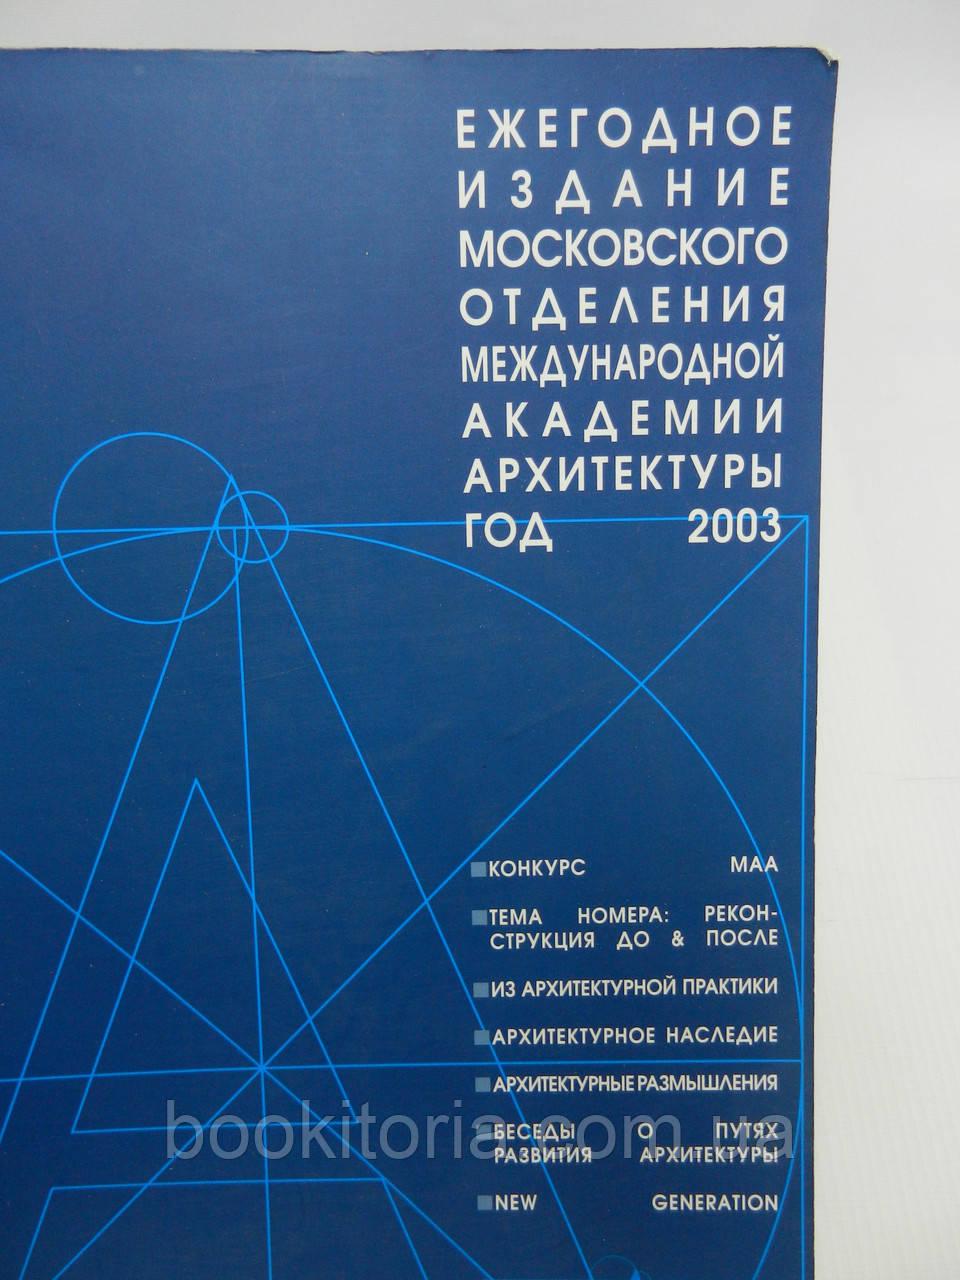 Ежегодное издание Московского отделения Международной Академии Архитектуры в Москве (МААМ). Год 2003